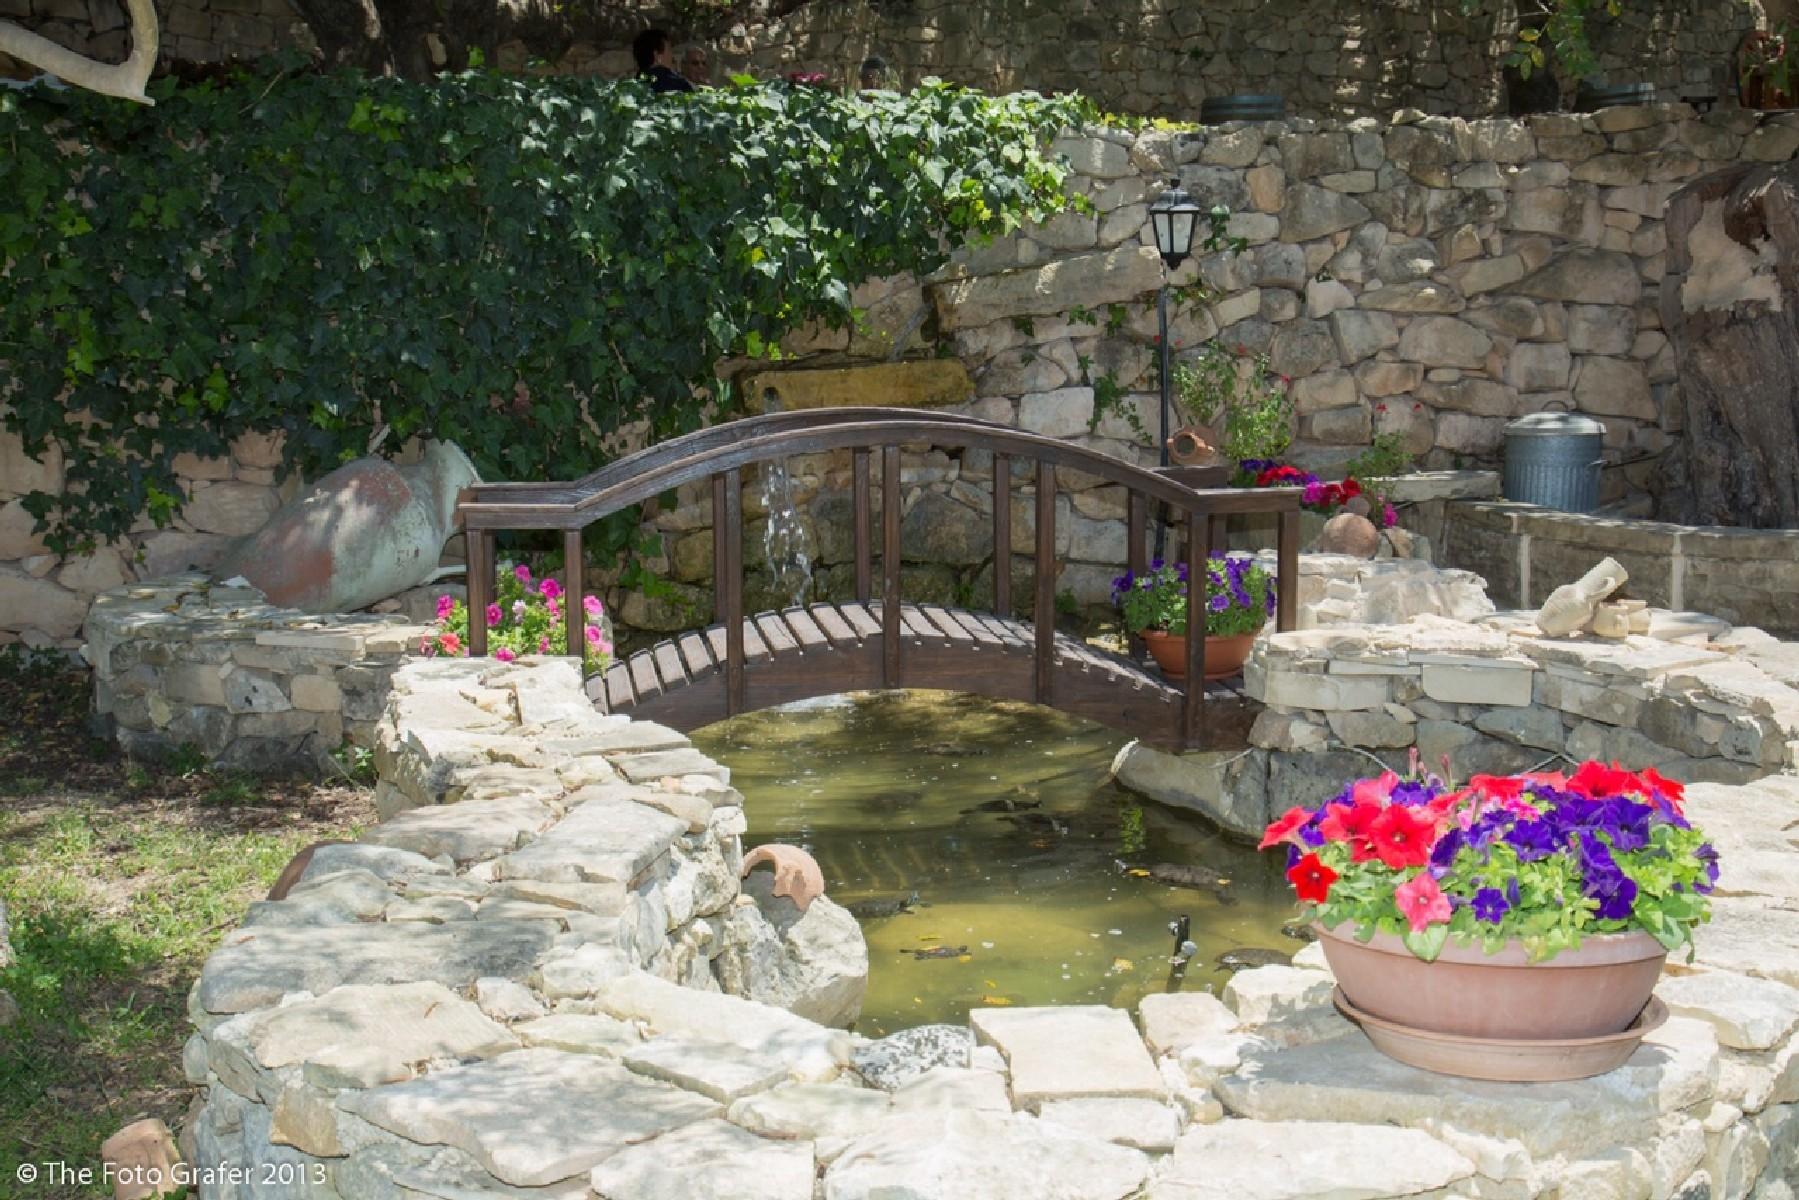 Malta Property for sale in Malta, Zebbug